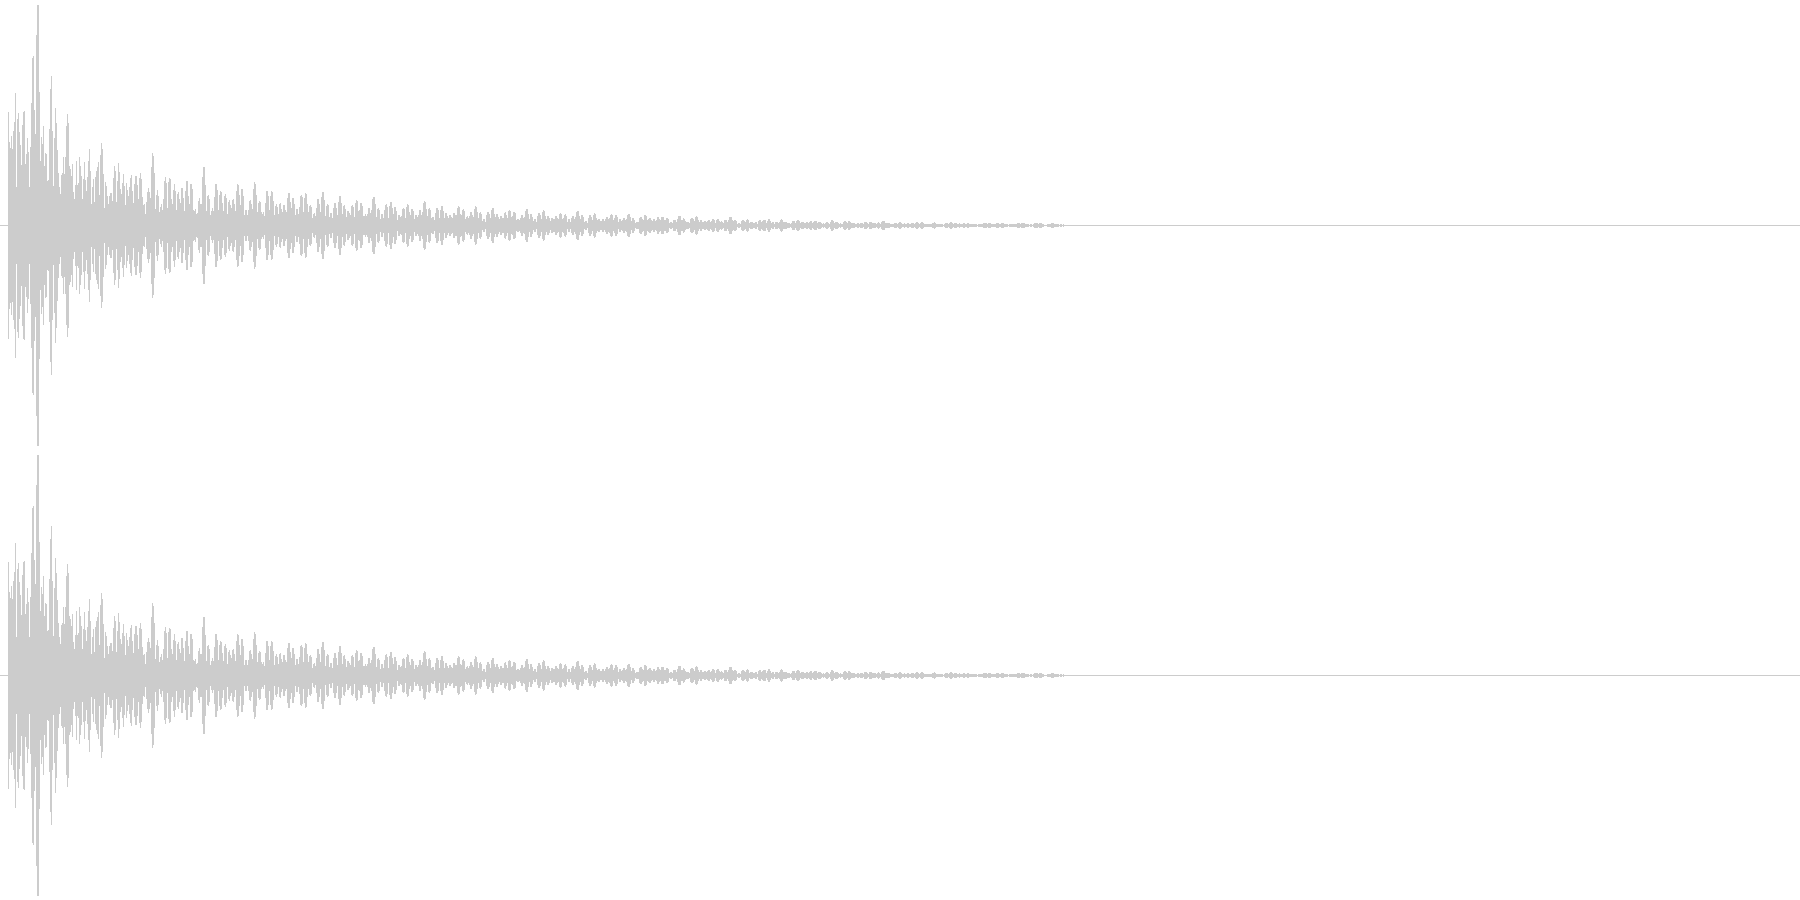 バチの音 カッの未再生の波形